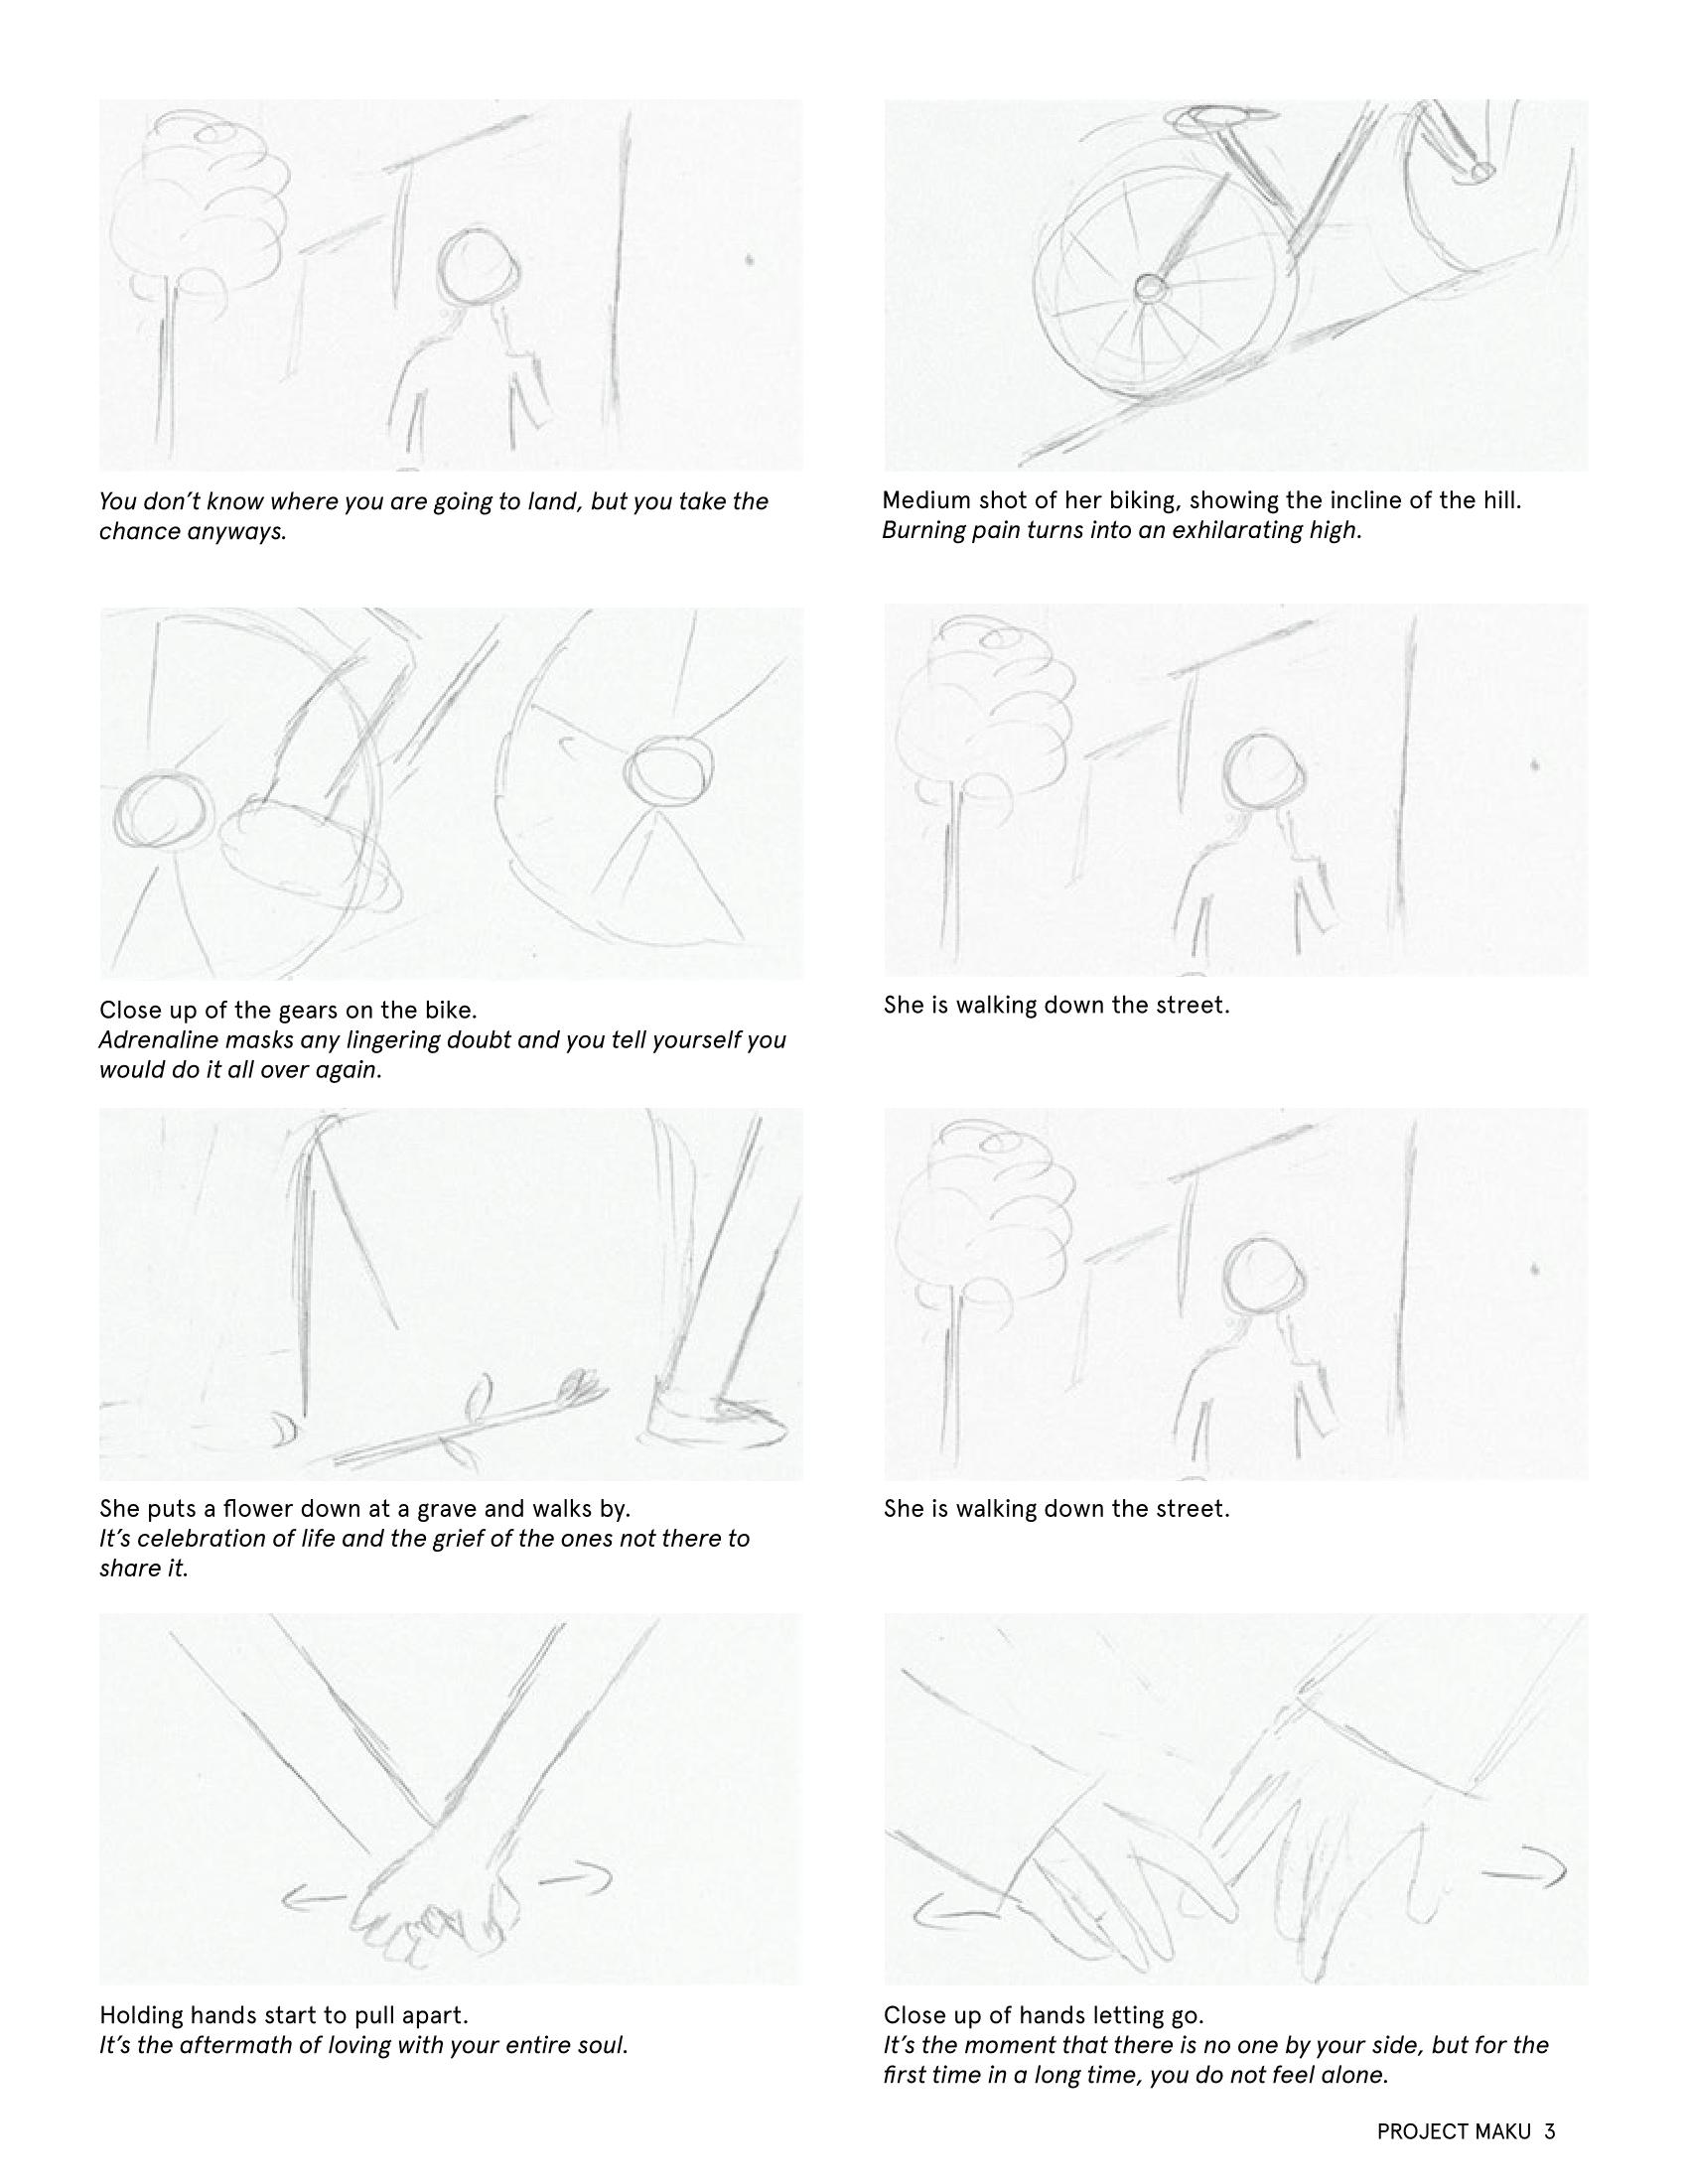 Maku ProjectMaku Storyboard-3.png